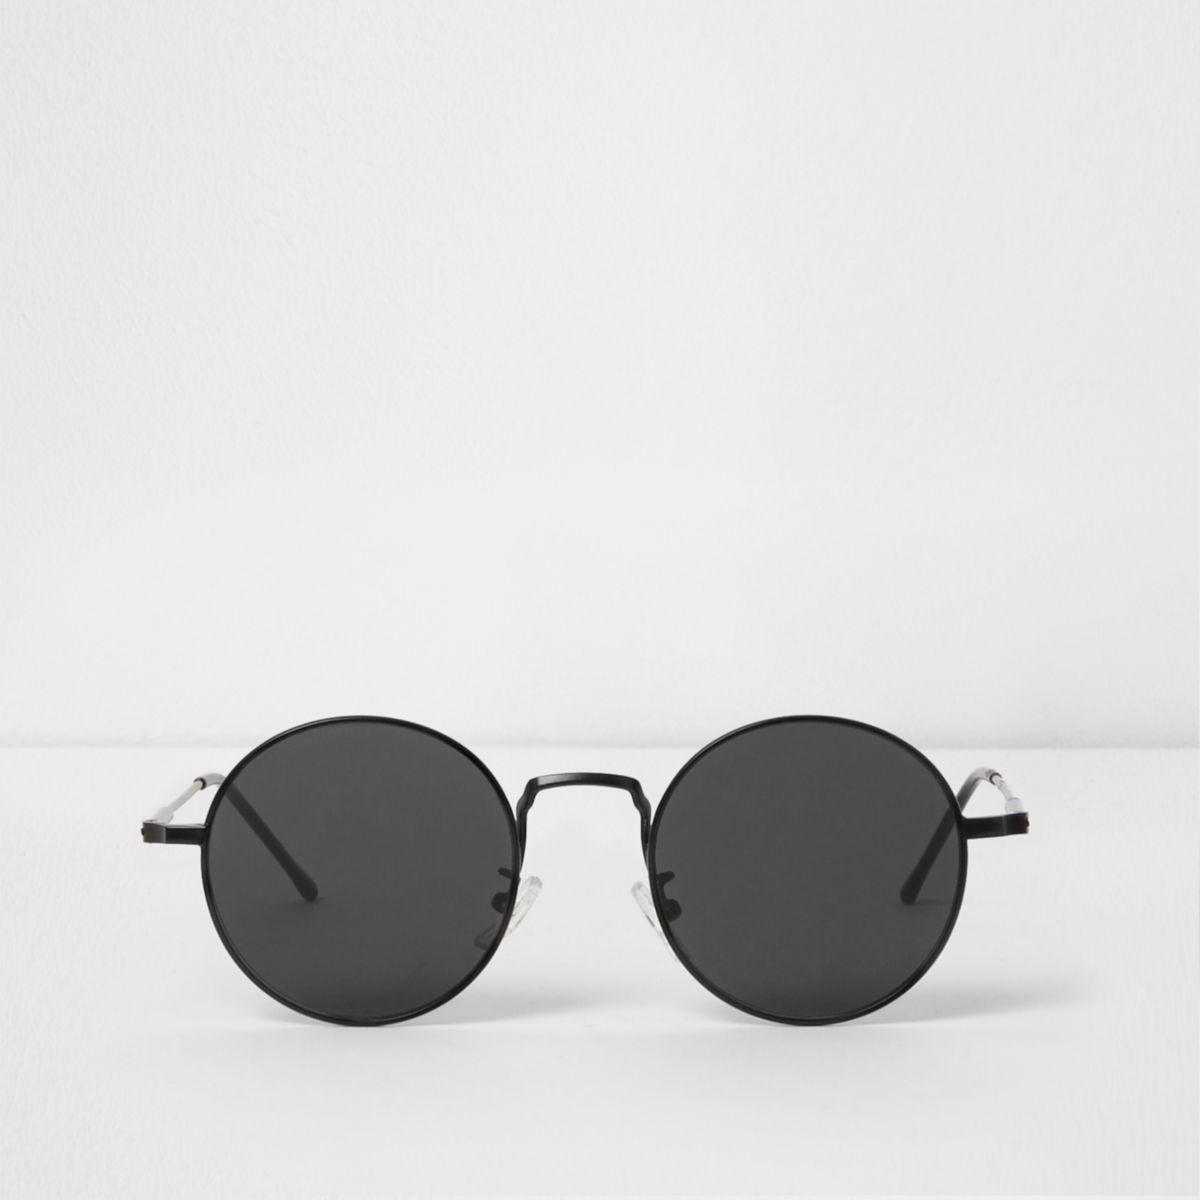 Black round flat lenses retro sunglasses